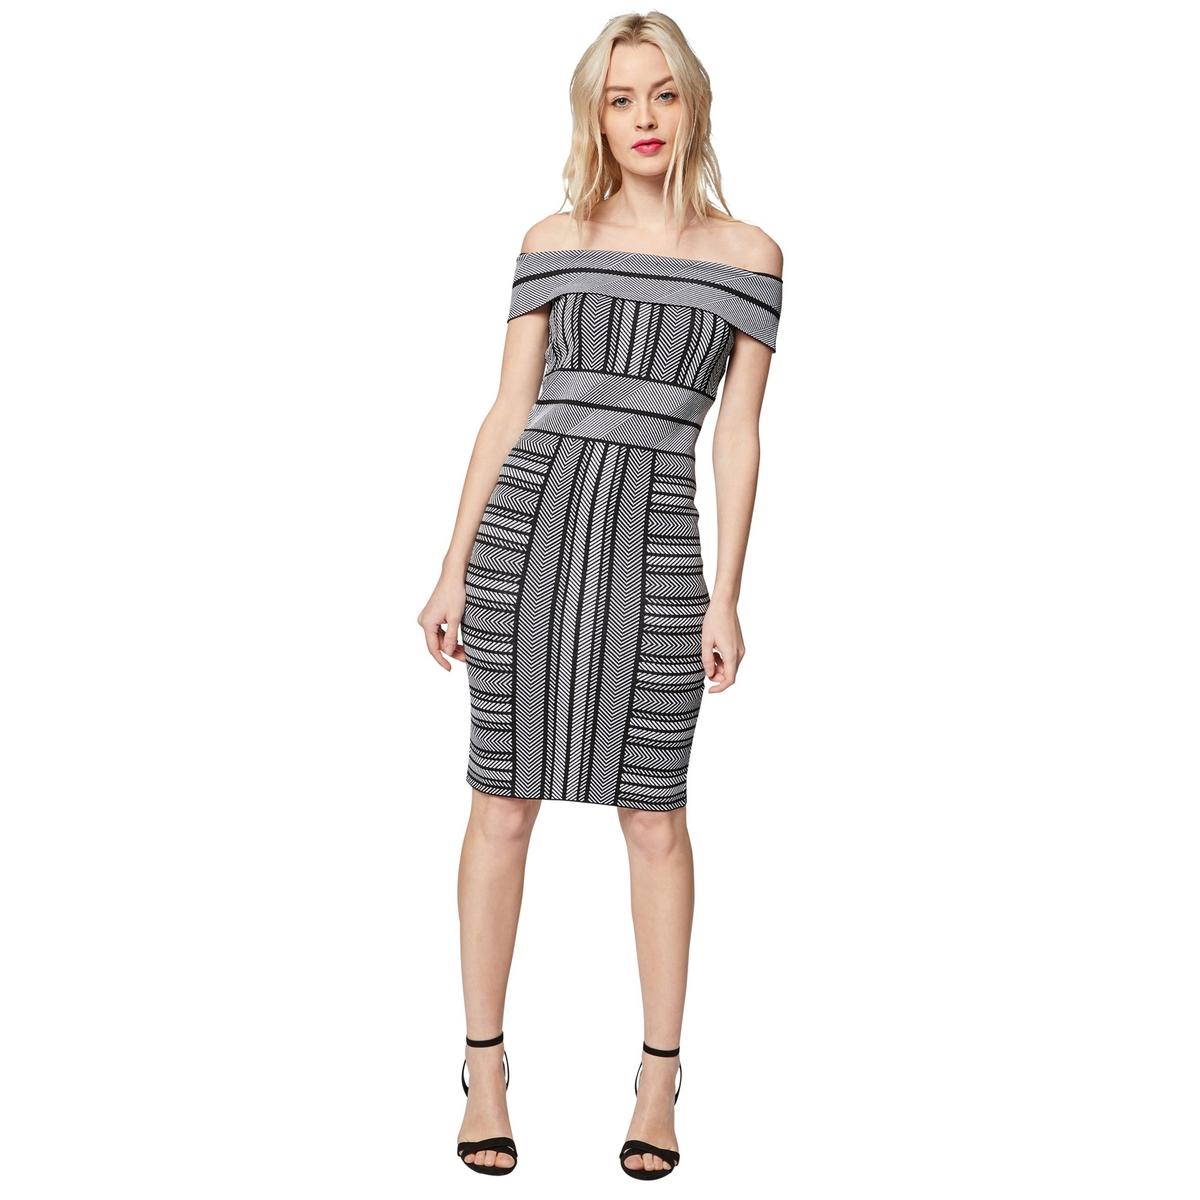 Платье La Redoute Облегающее с открытыми плечами из тонкого трикотажа XS черный платье la redoute облегающее с открытыми плечами из тонкого трикотажа xs черный